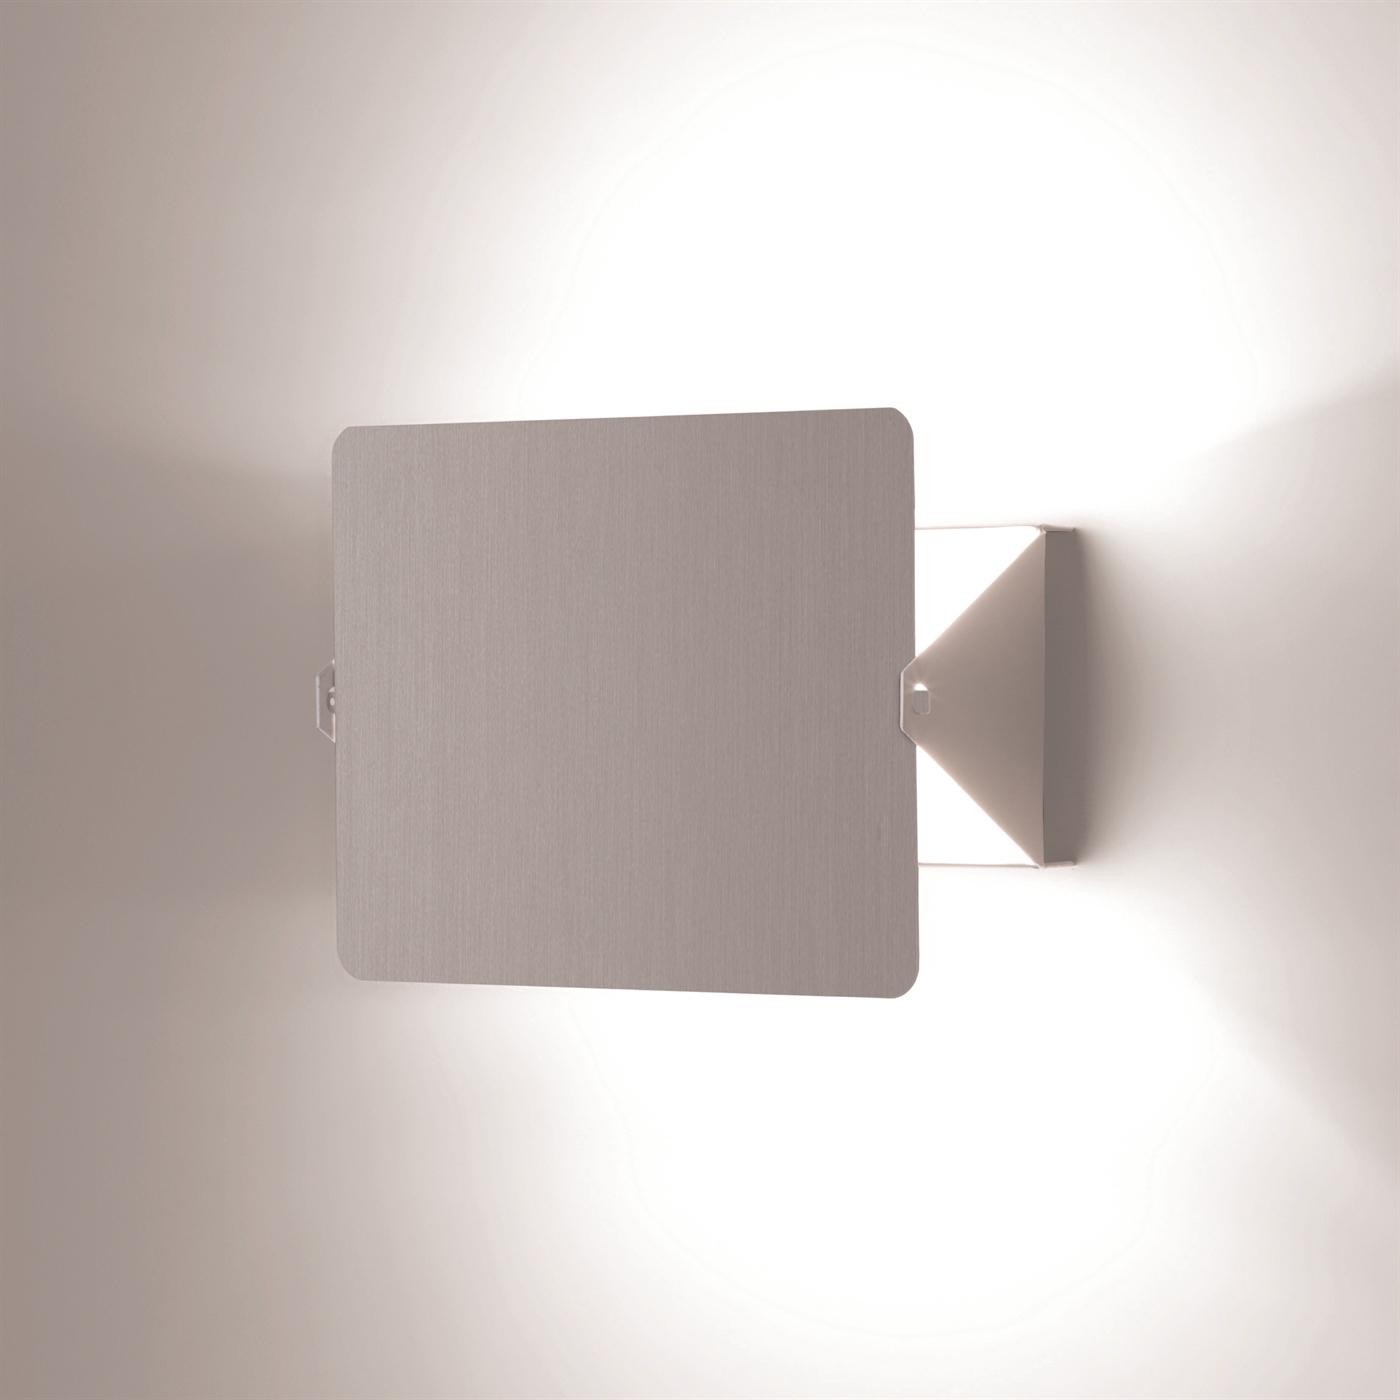 nemo applique volet pivotant v glampe k b online her. Black Bedroom Furniture Sets. Home Design Ideas